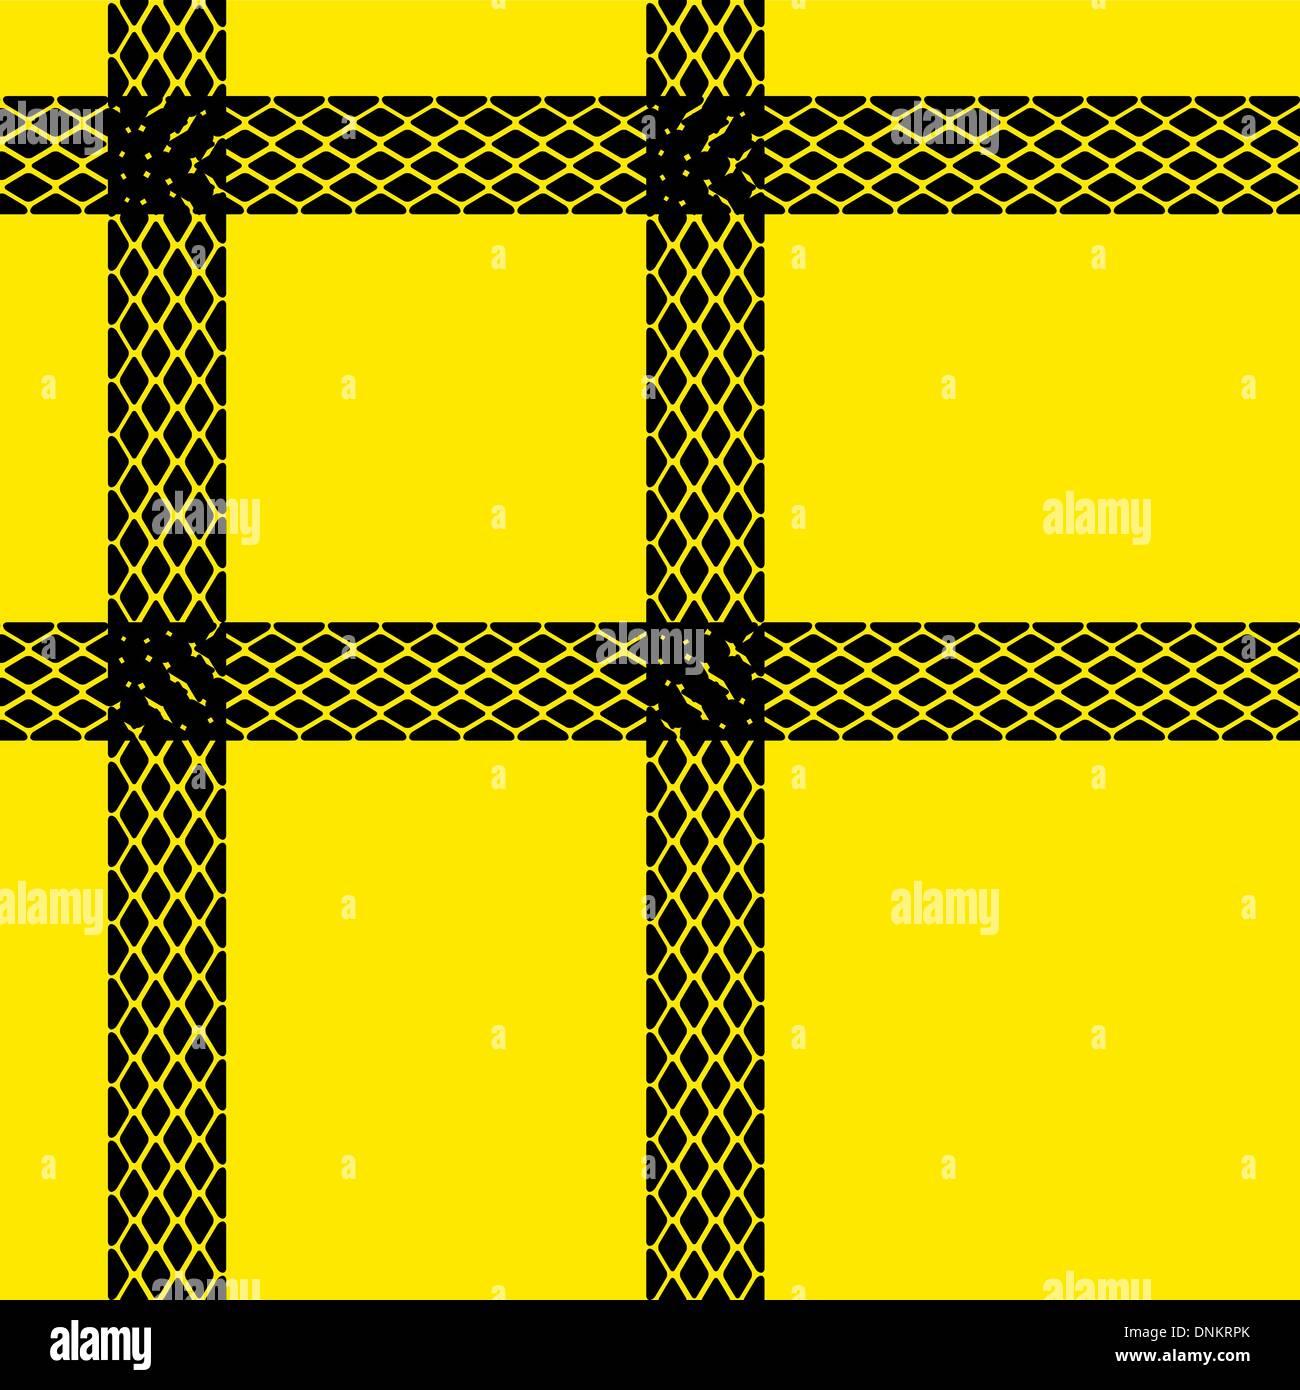 Papel de parede padrão de faixas de pneu perfeita ilustração de fundo de vetor Imagens de Stock